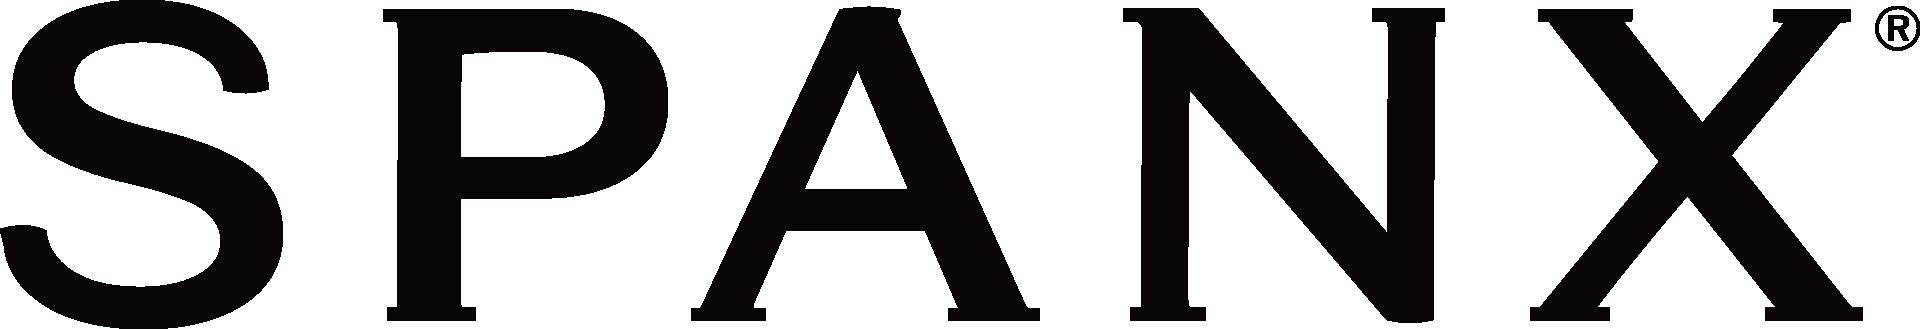 Spanx Company Logo